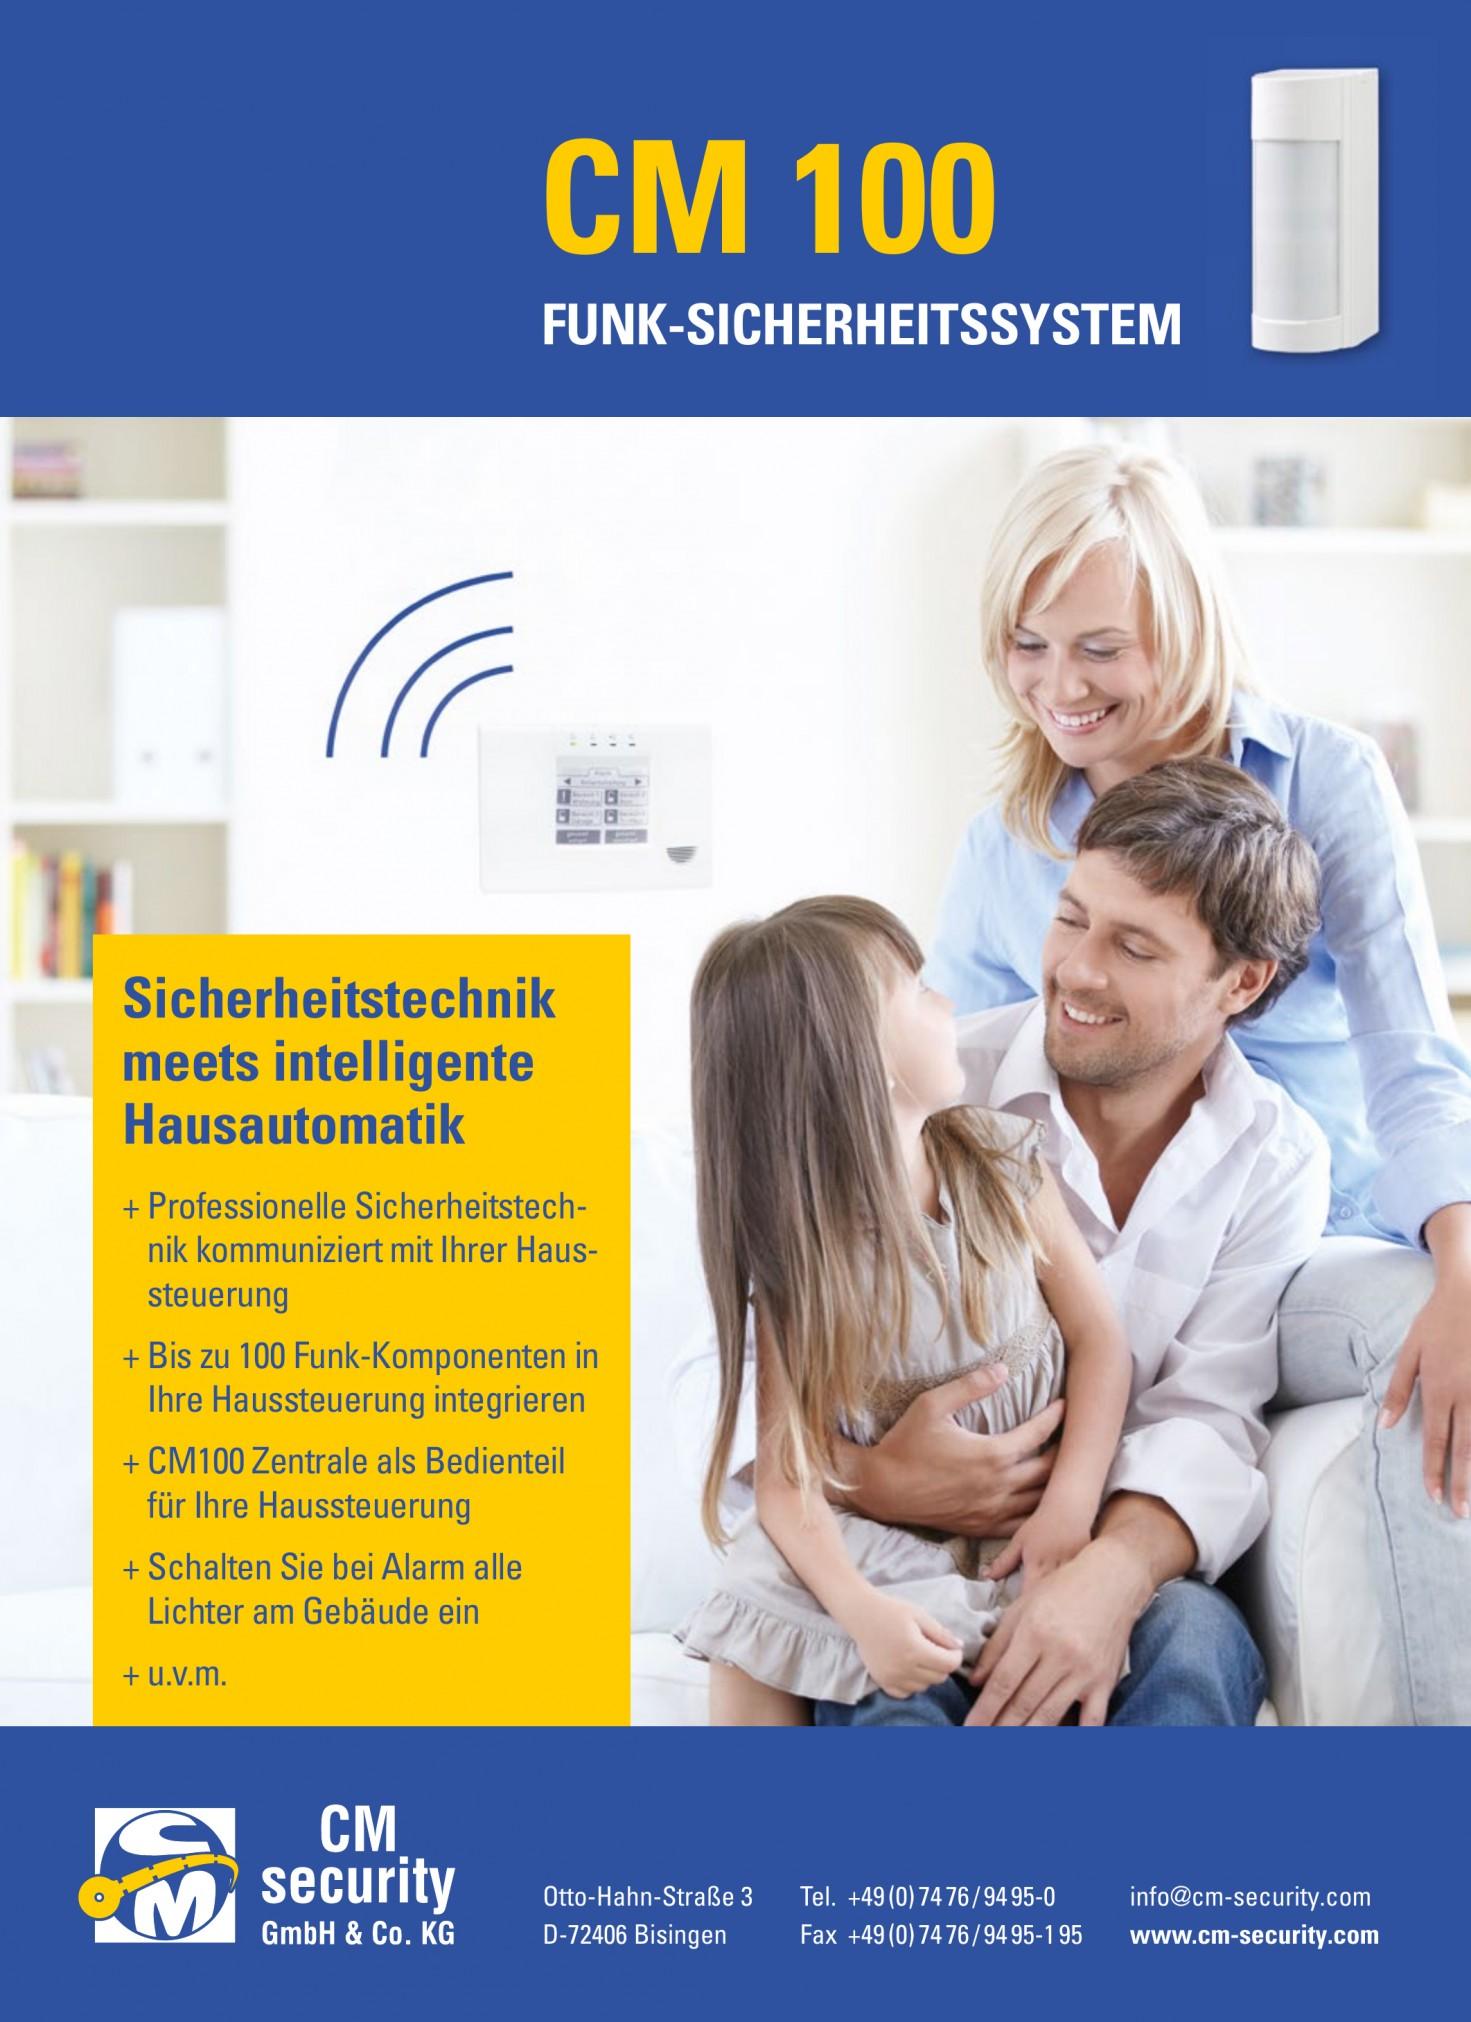 CM Security GmbH & Co. KG